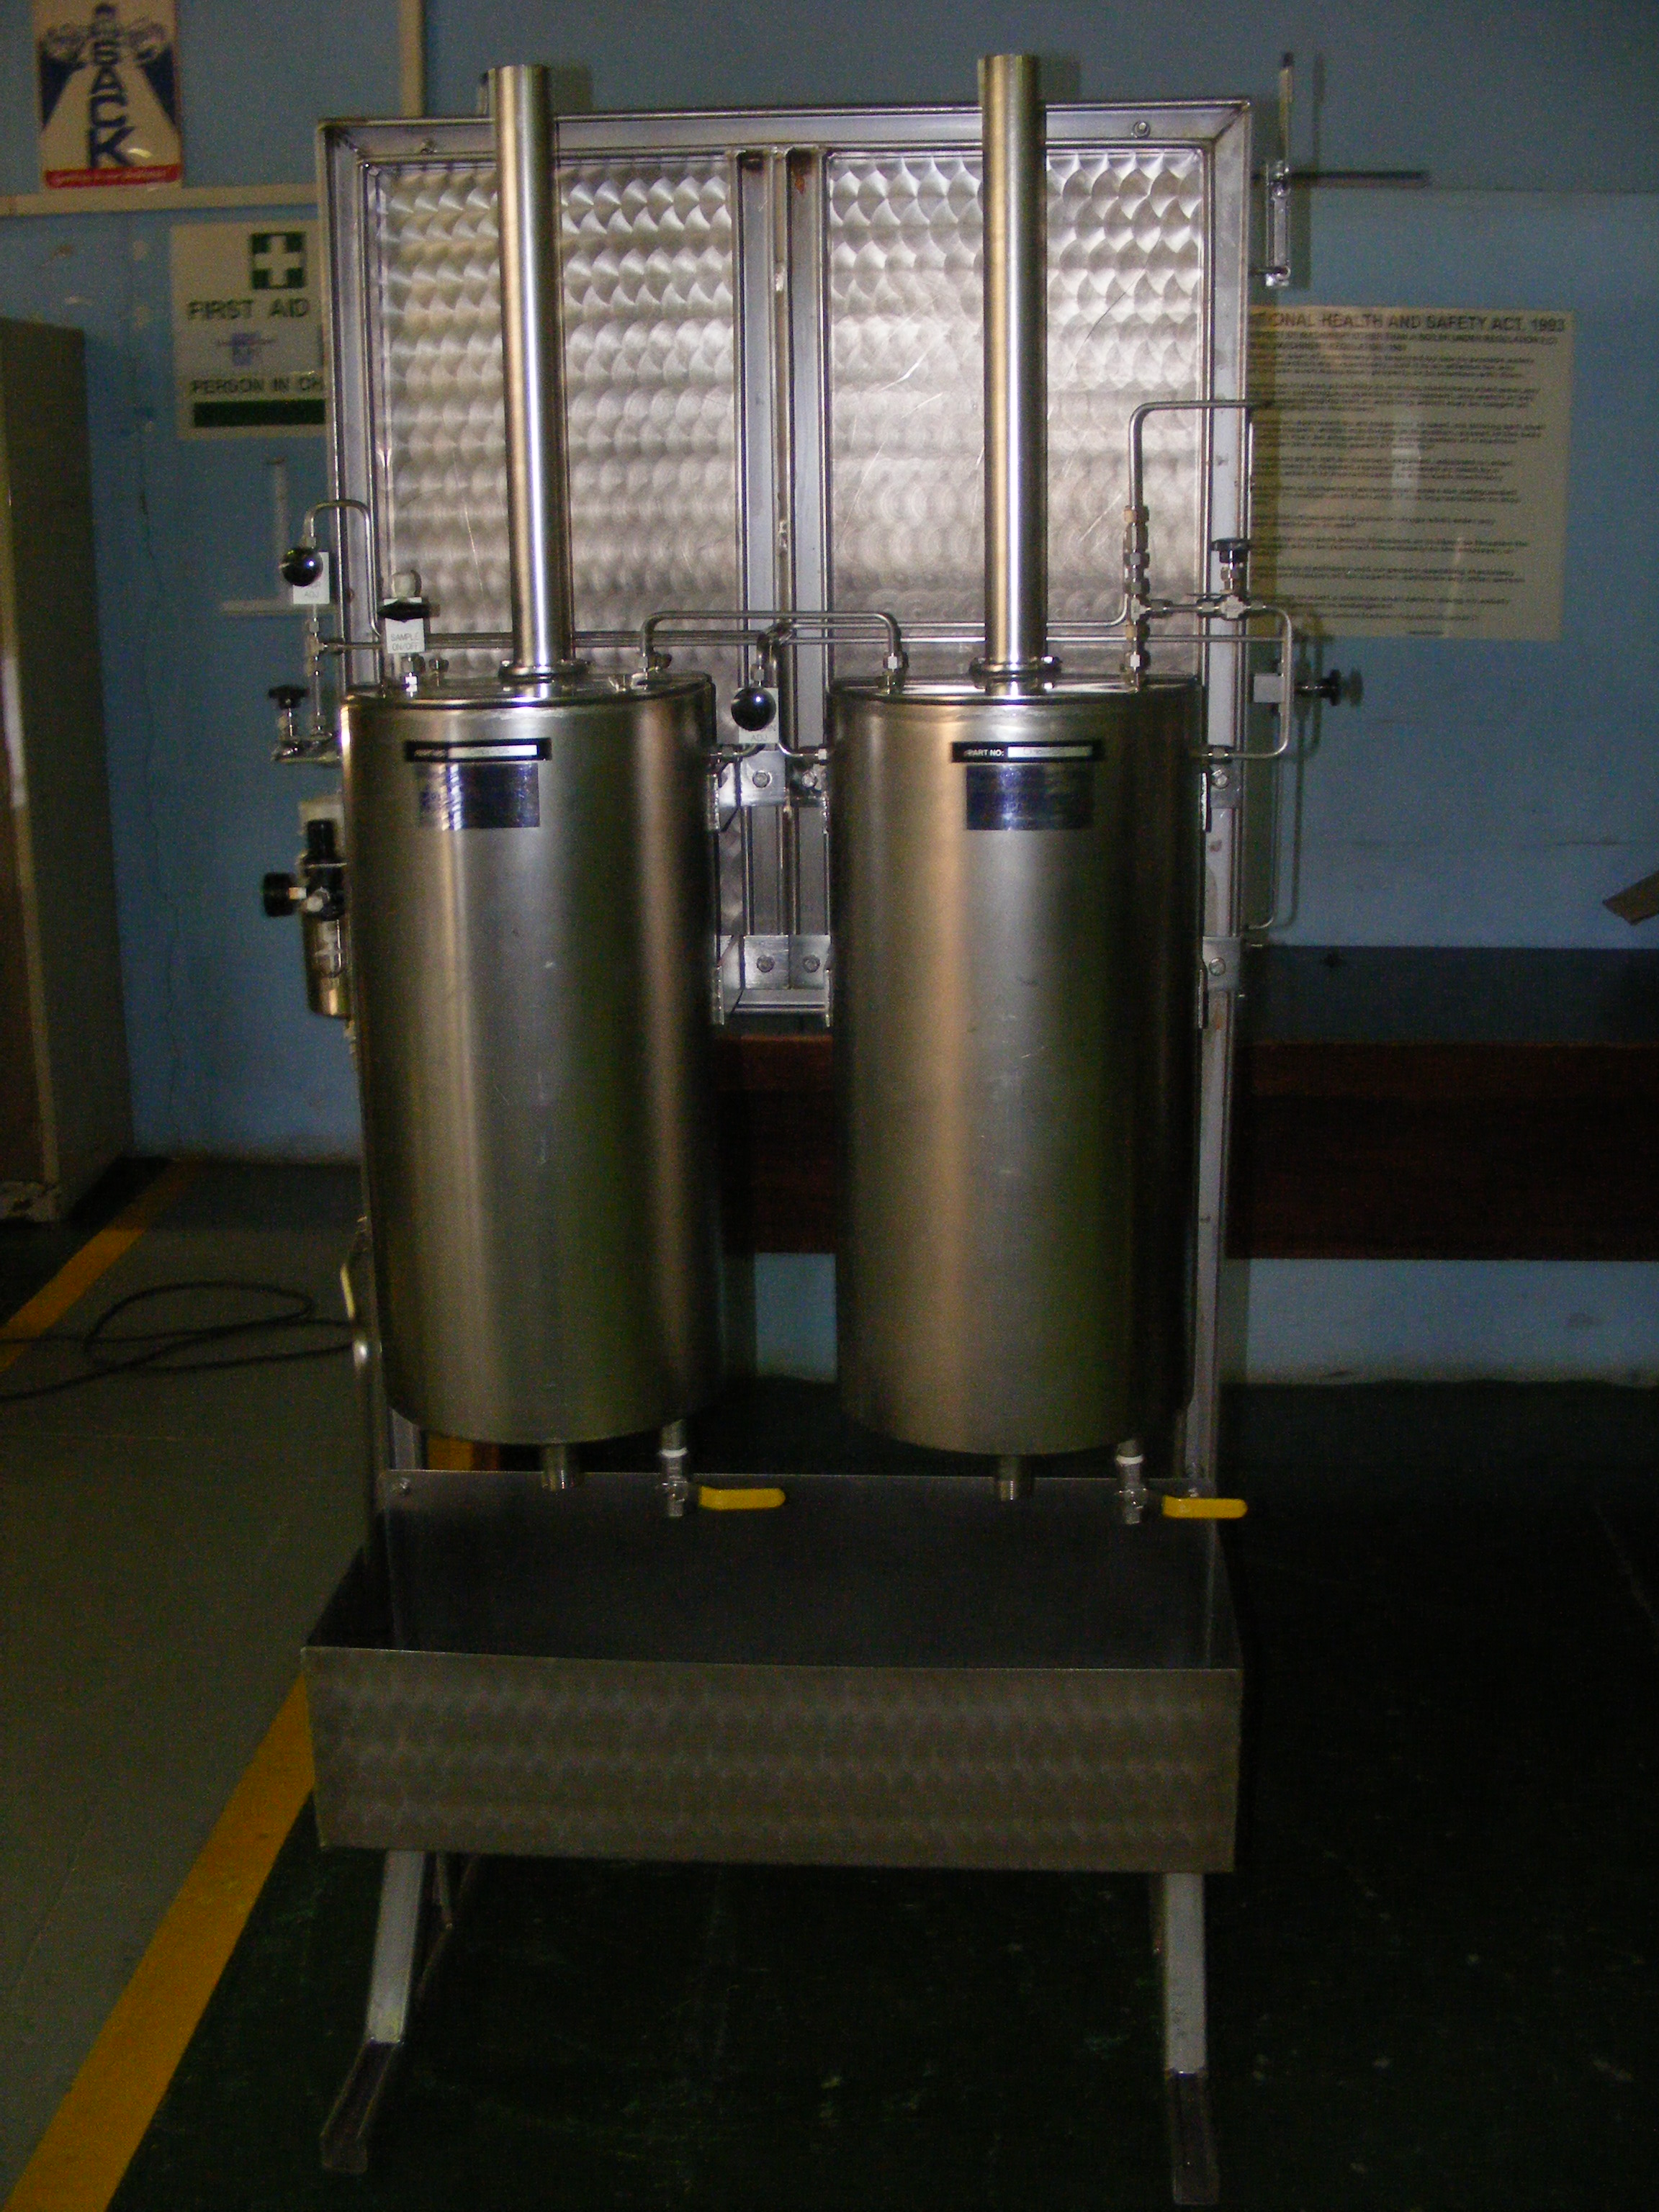 Randinstruments